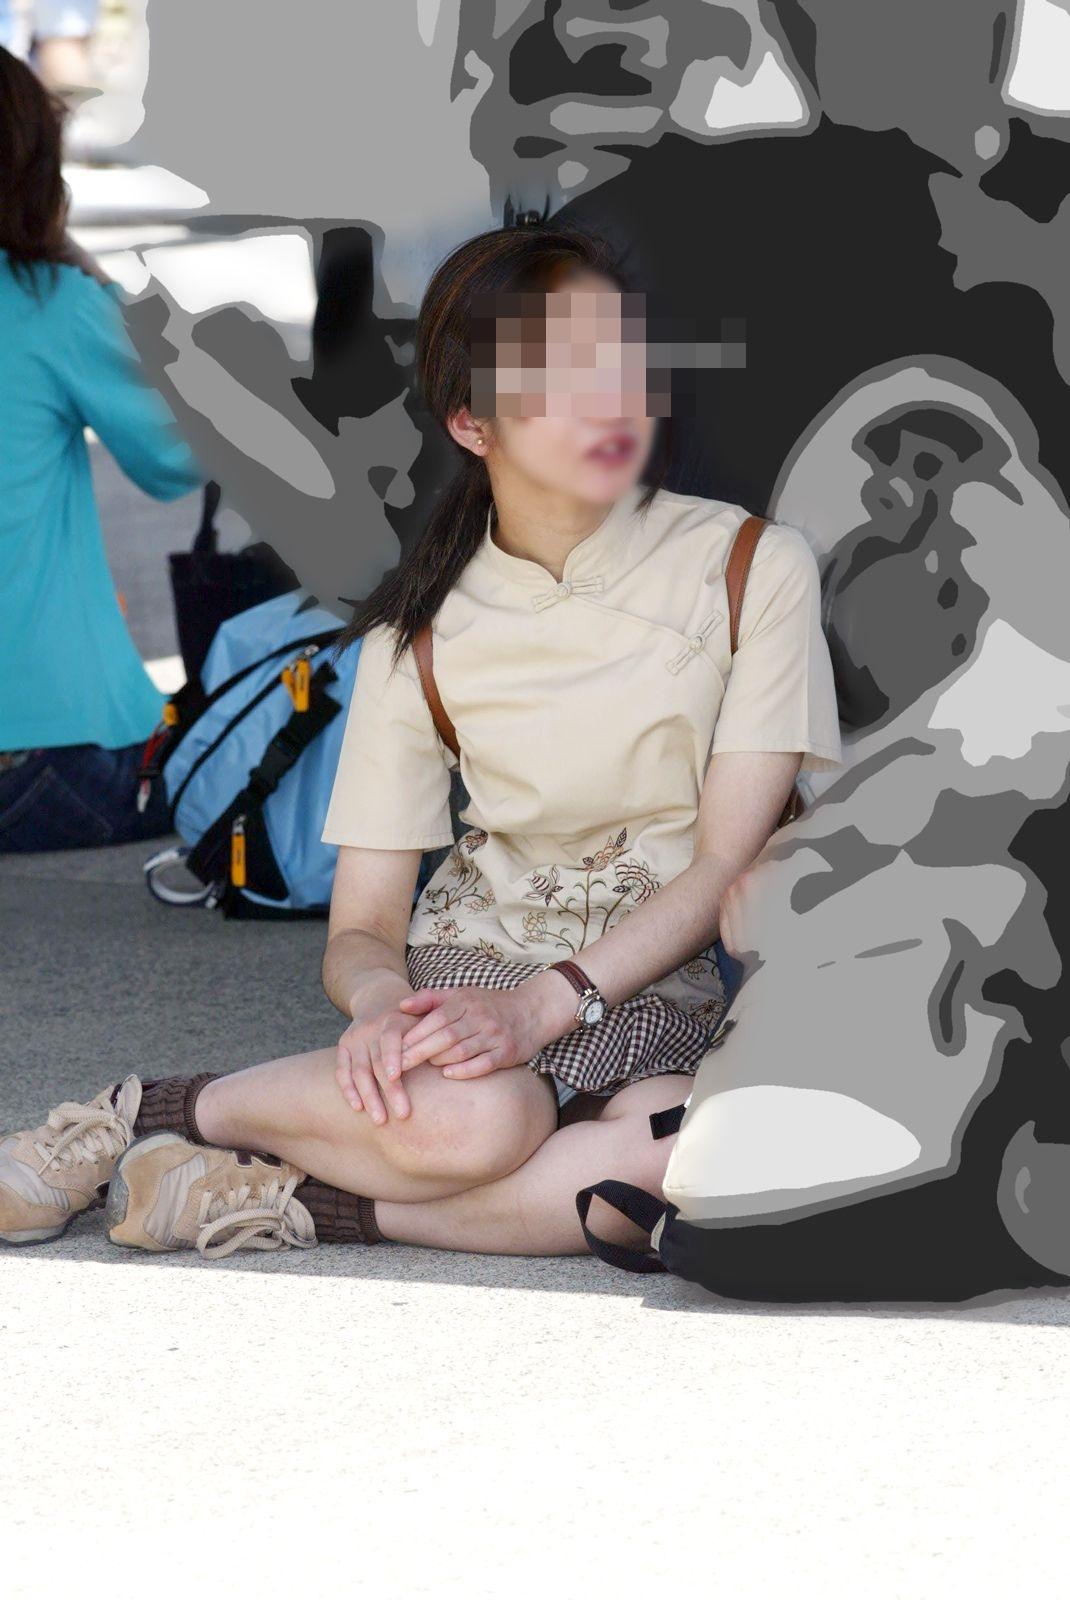 【パンチラエロ画像】何度も前を行き来してるのバレないように座りパンチラ観察(;^ω^)